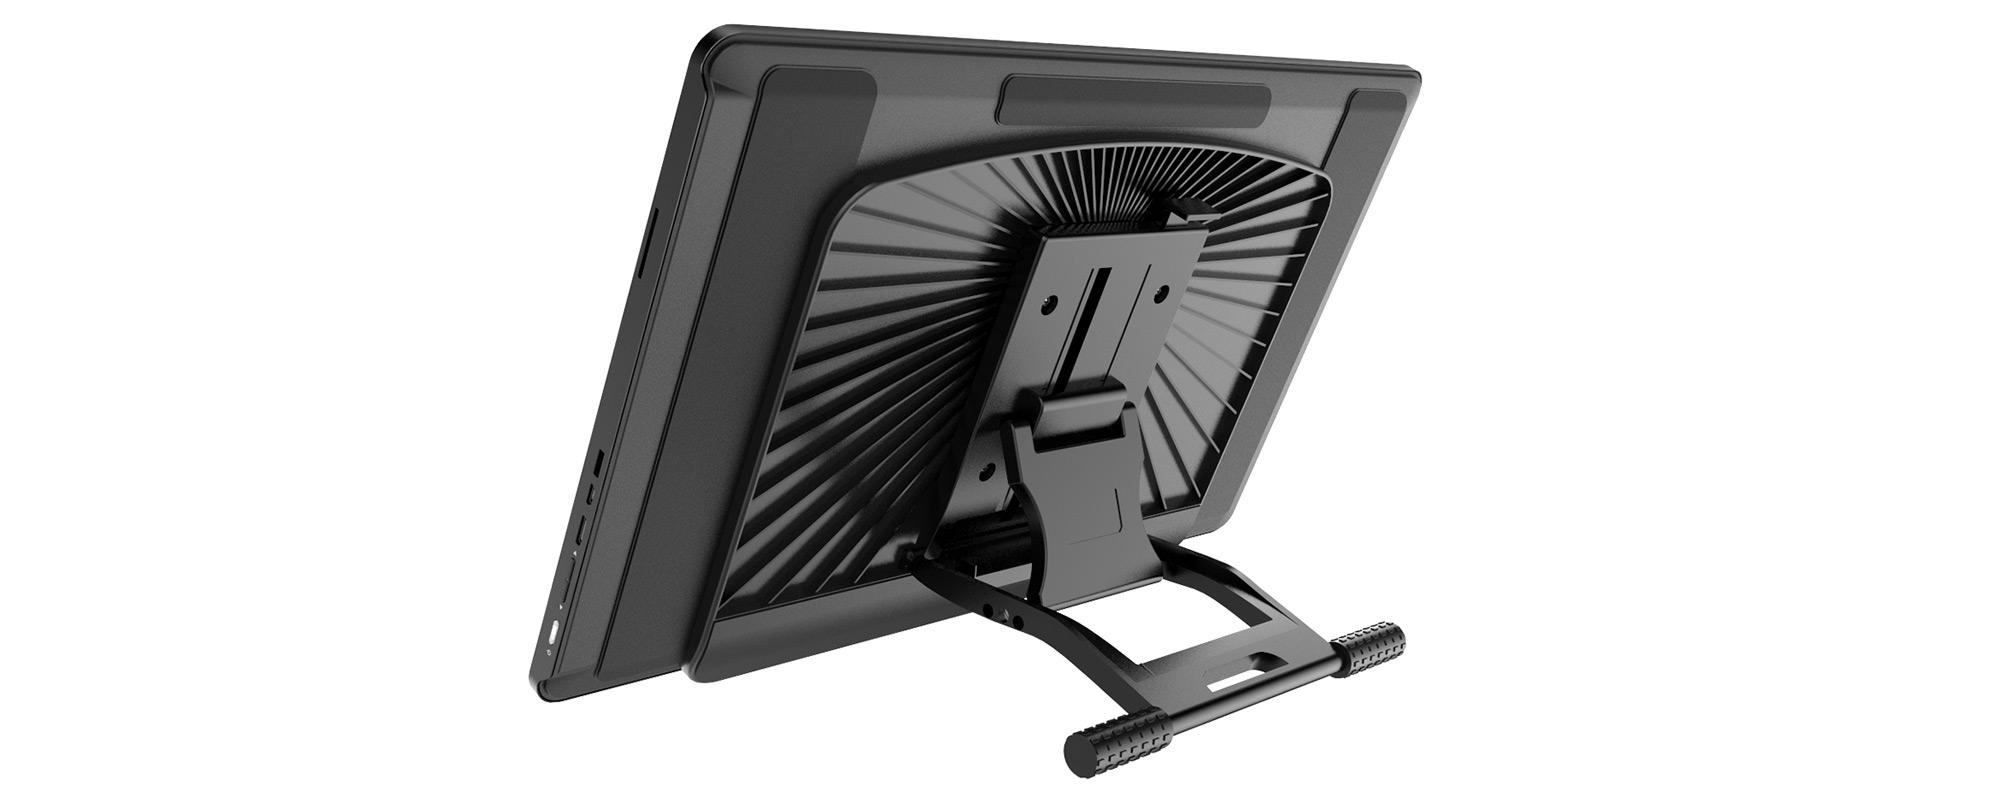 Zdjęcie prezentujące regulowany wspornik tabletu graficznego Veikk VK1560 Pro na białym tle